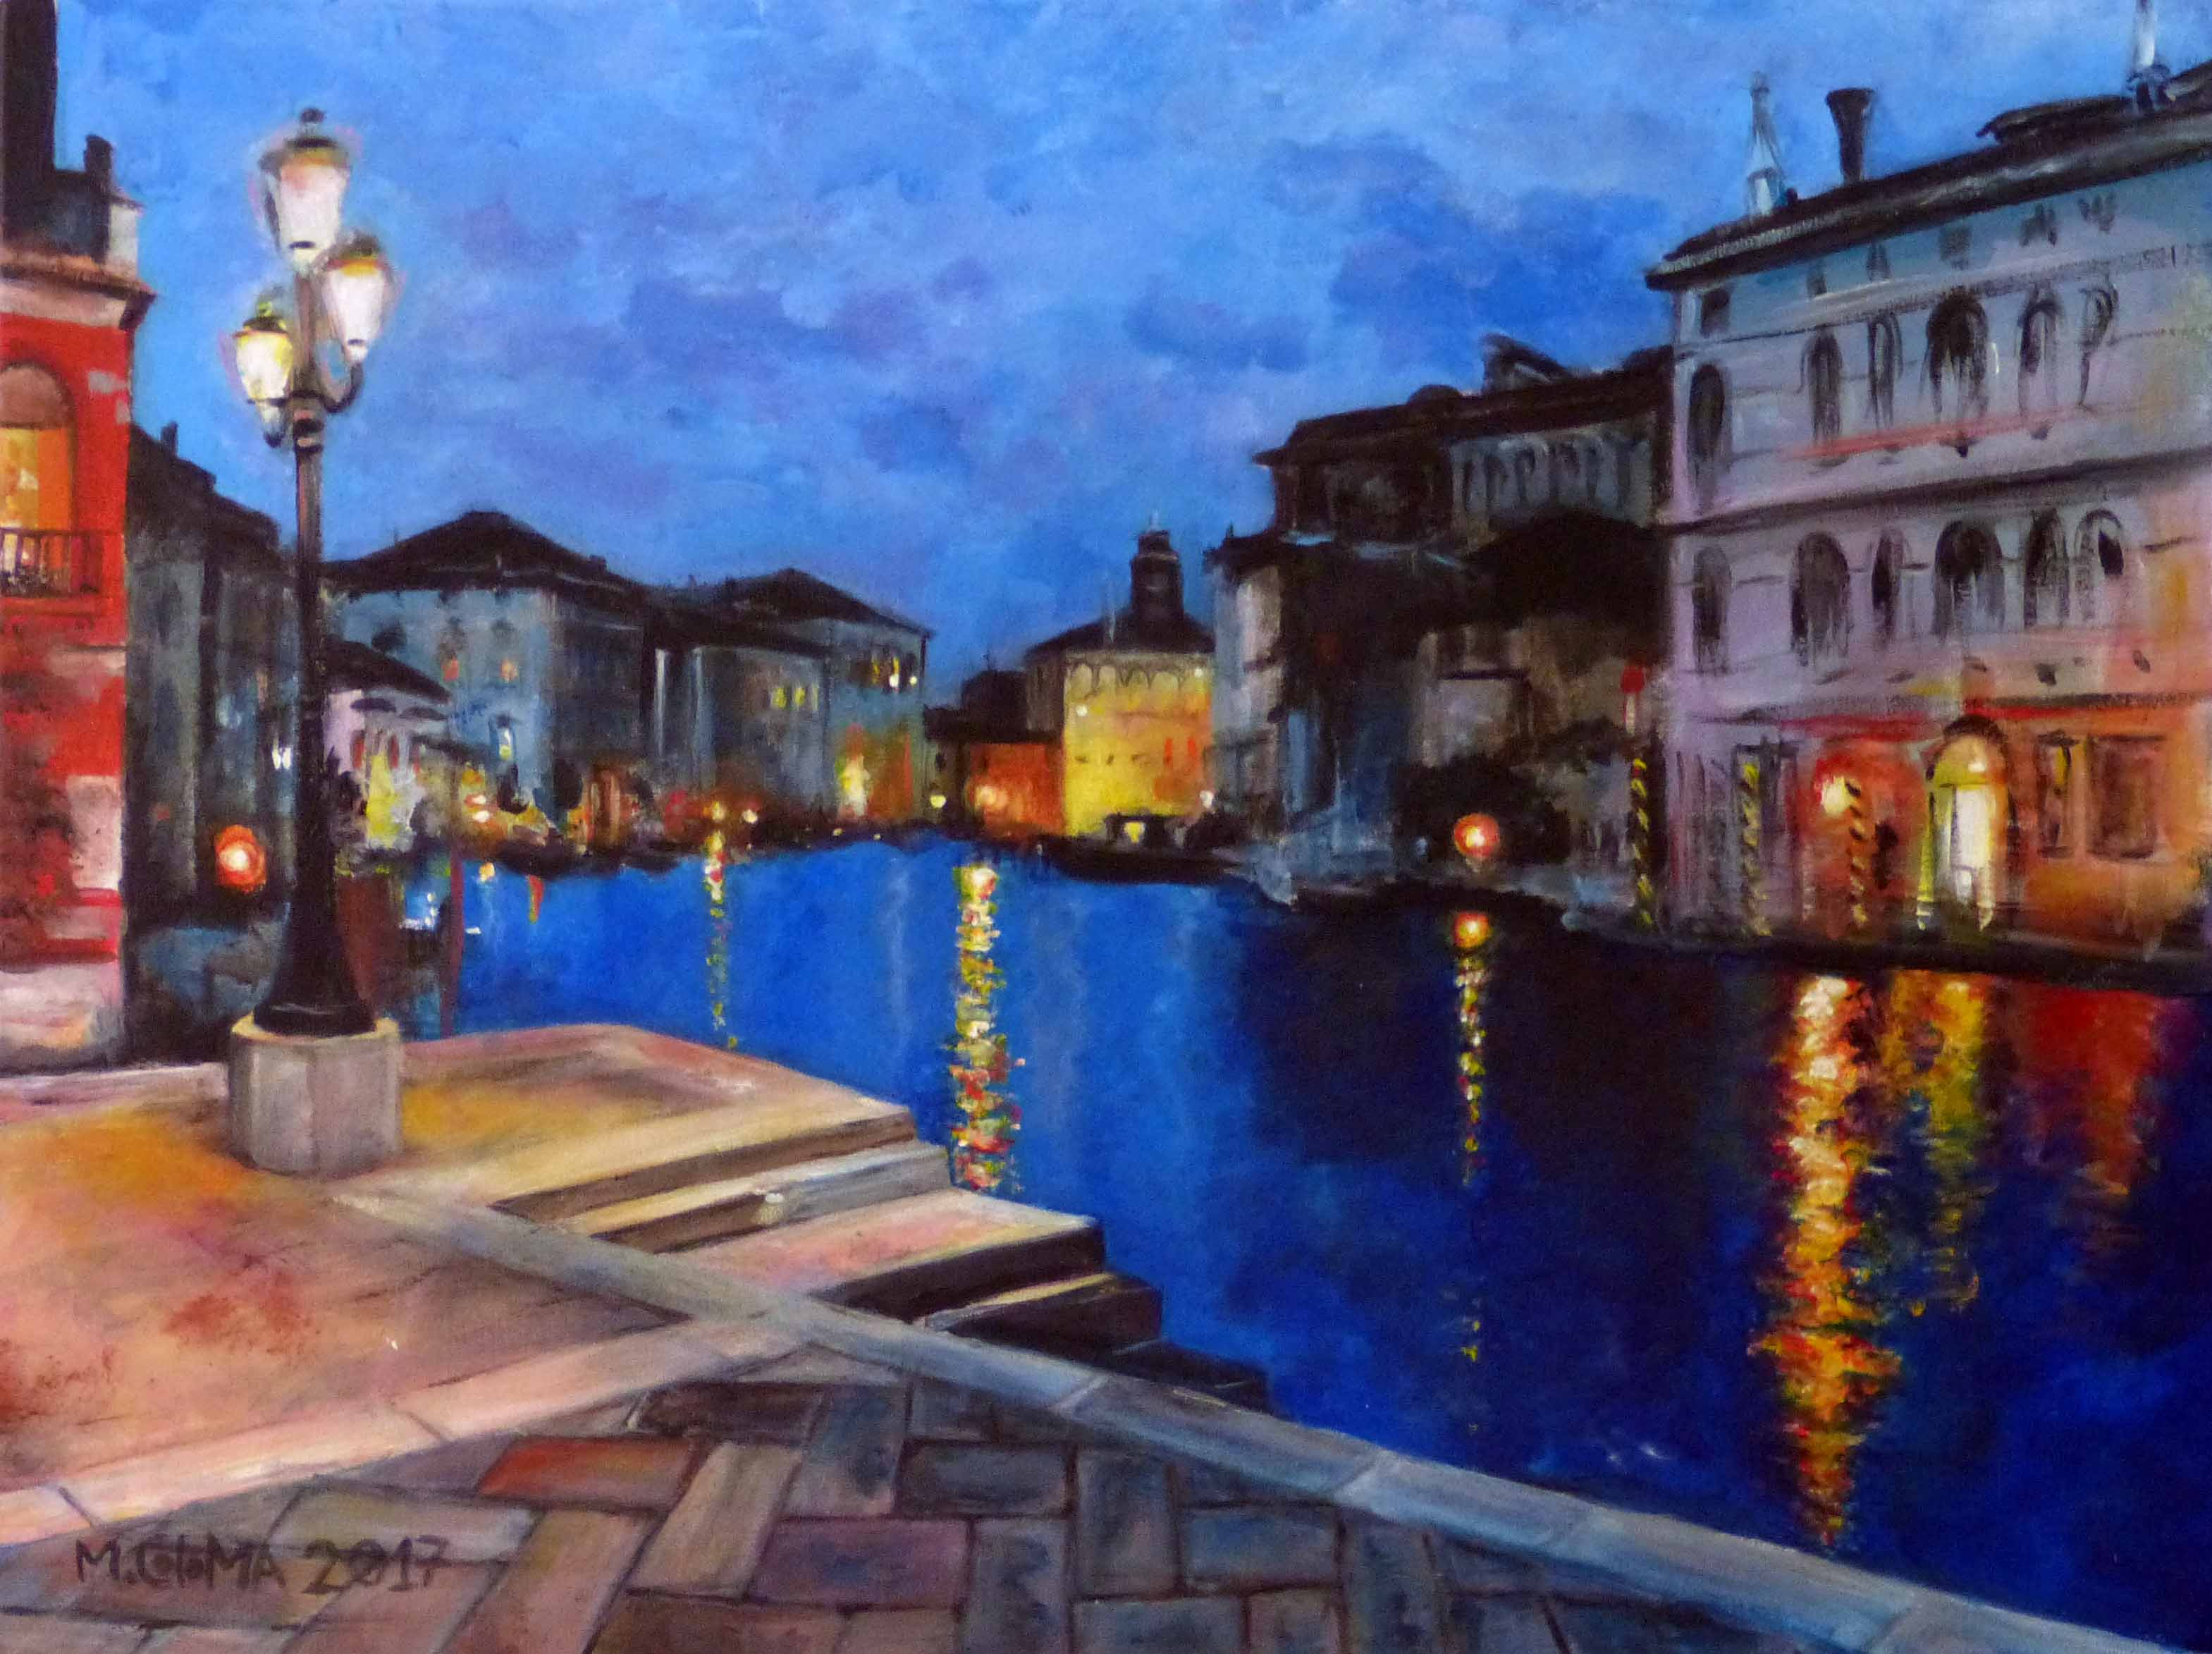 venezia, salida de la Accademia